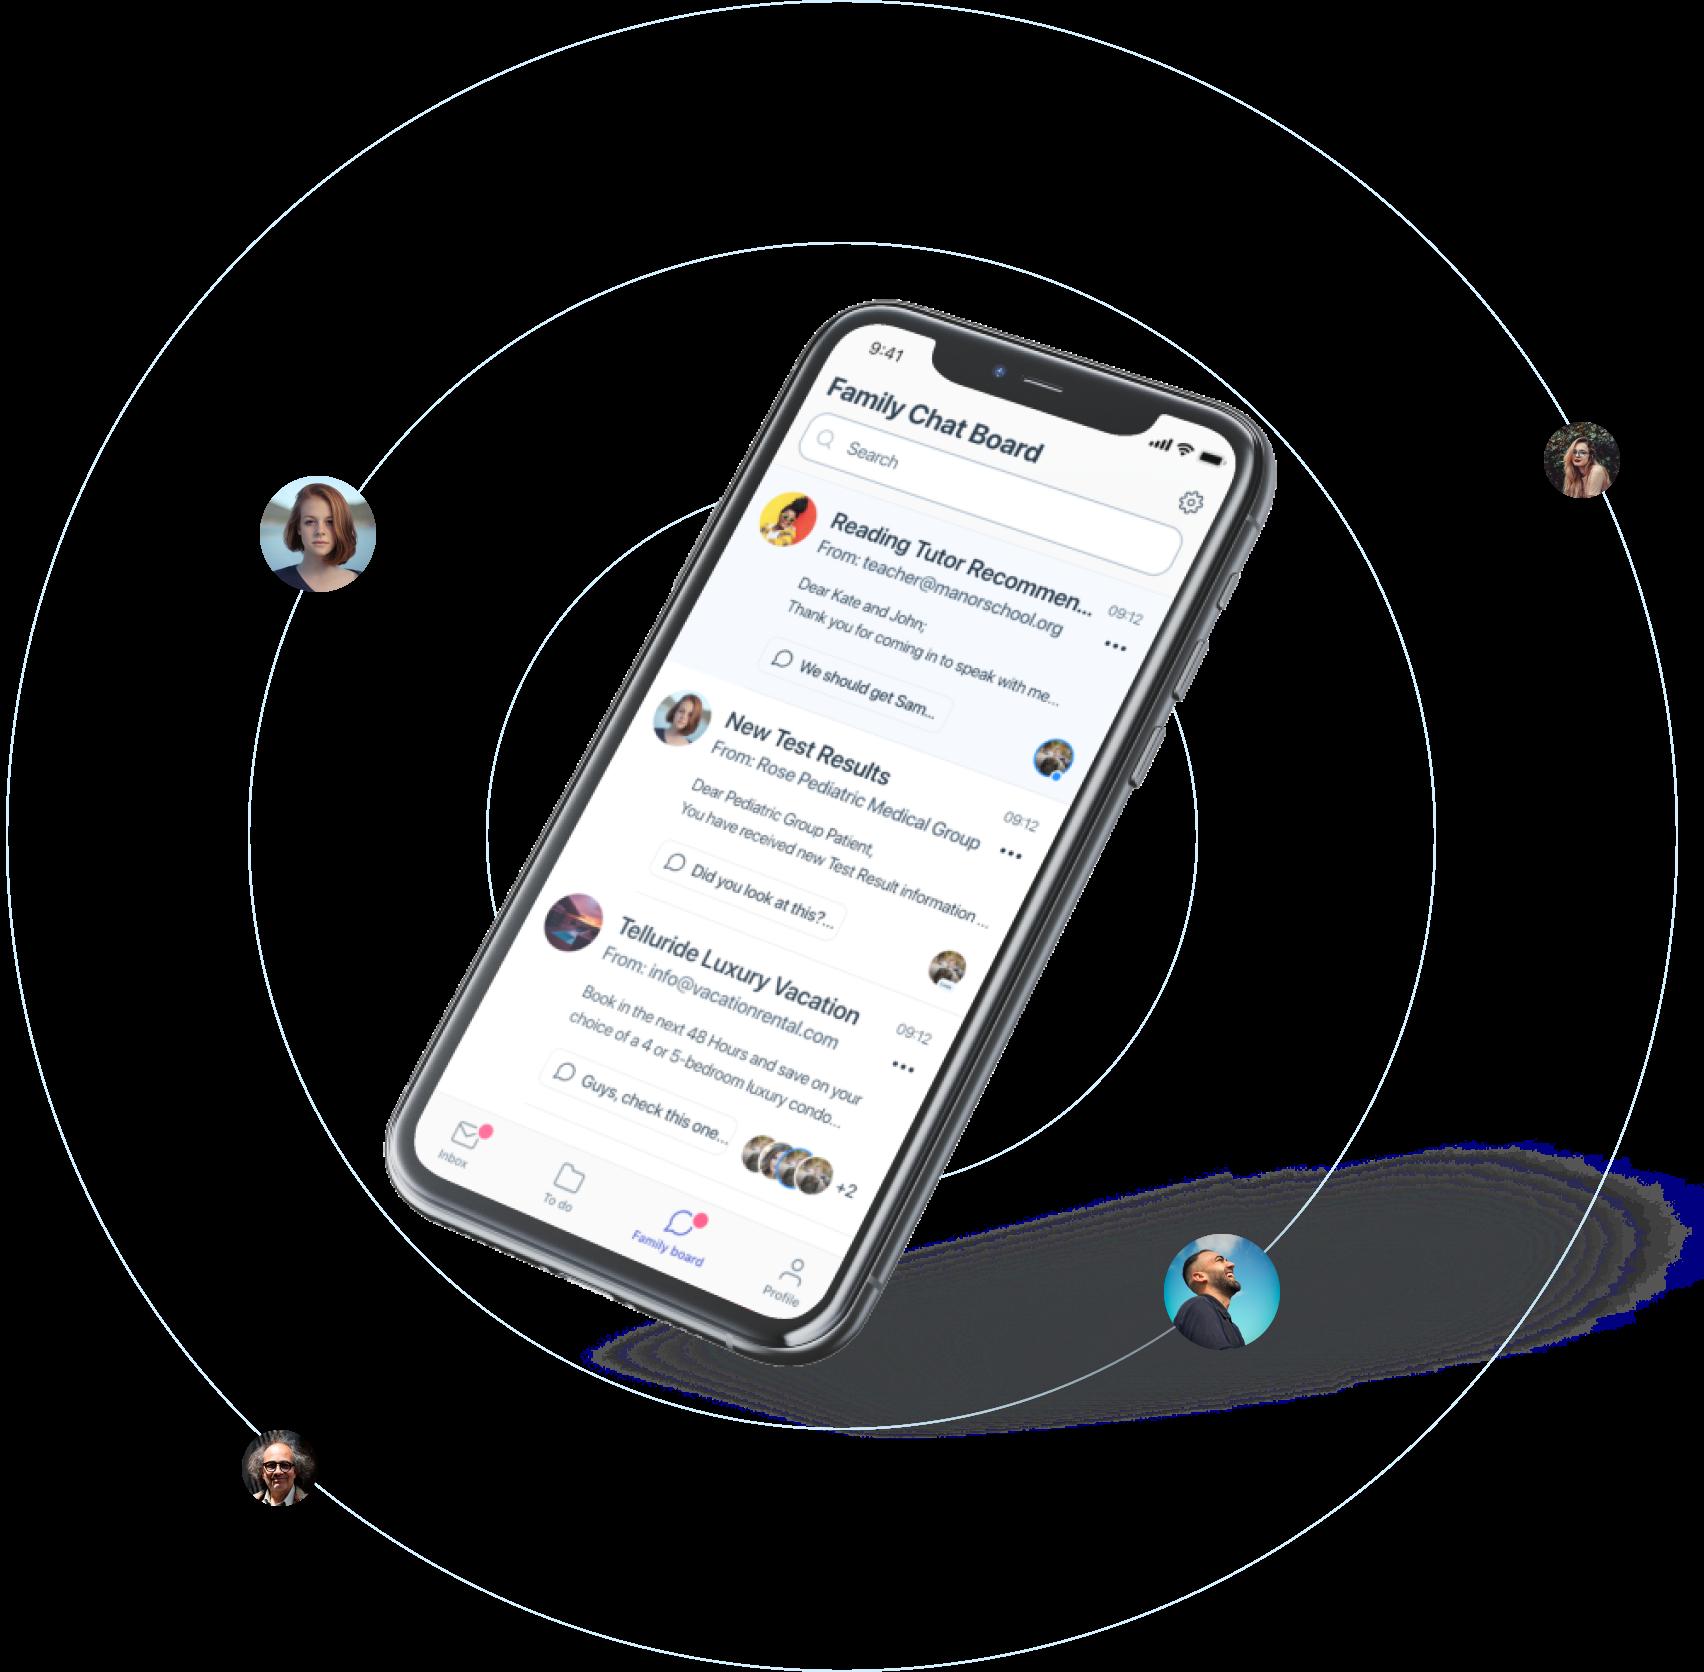 Markus app - slack for families